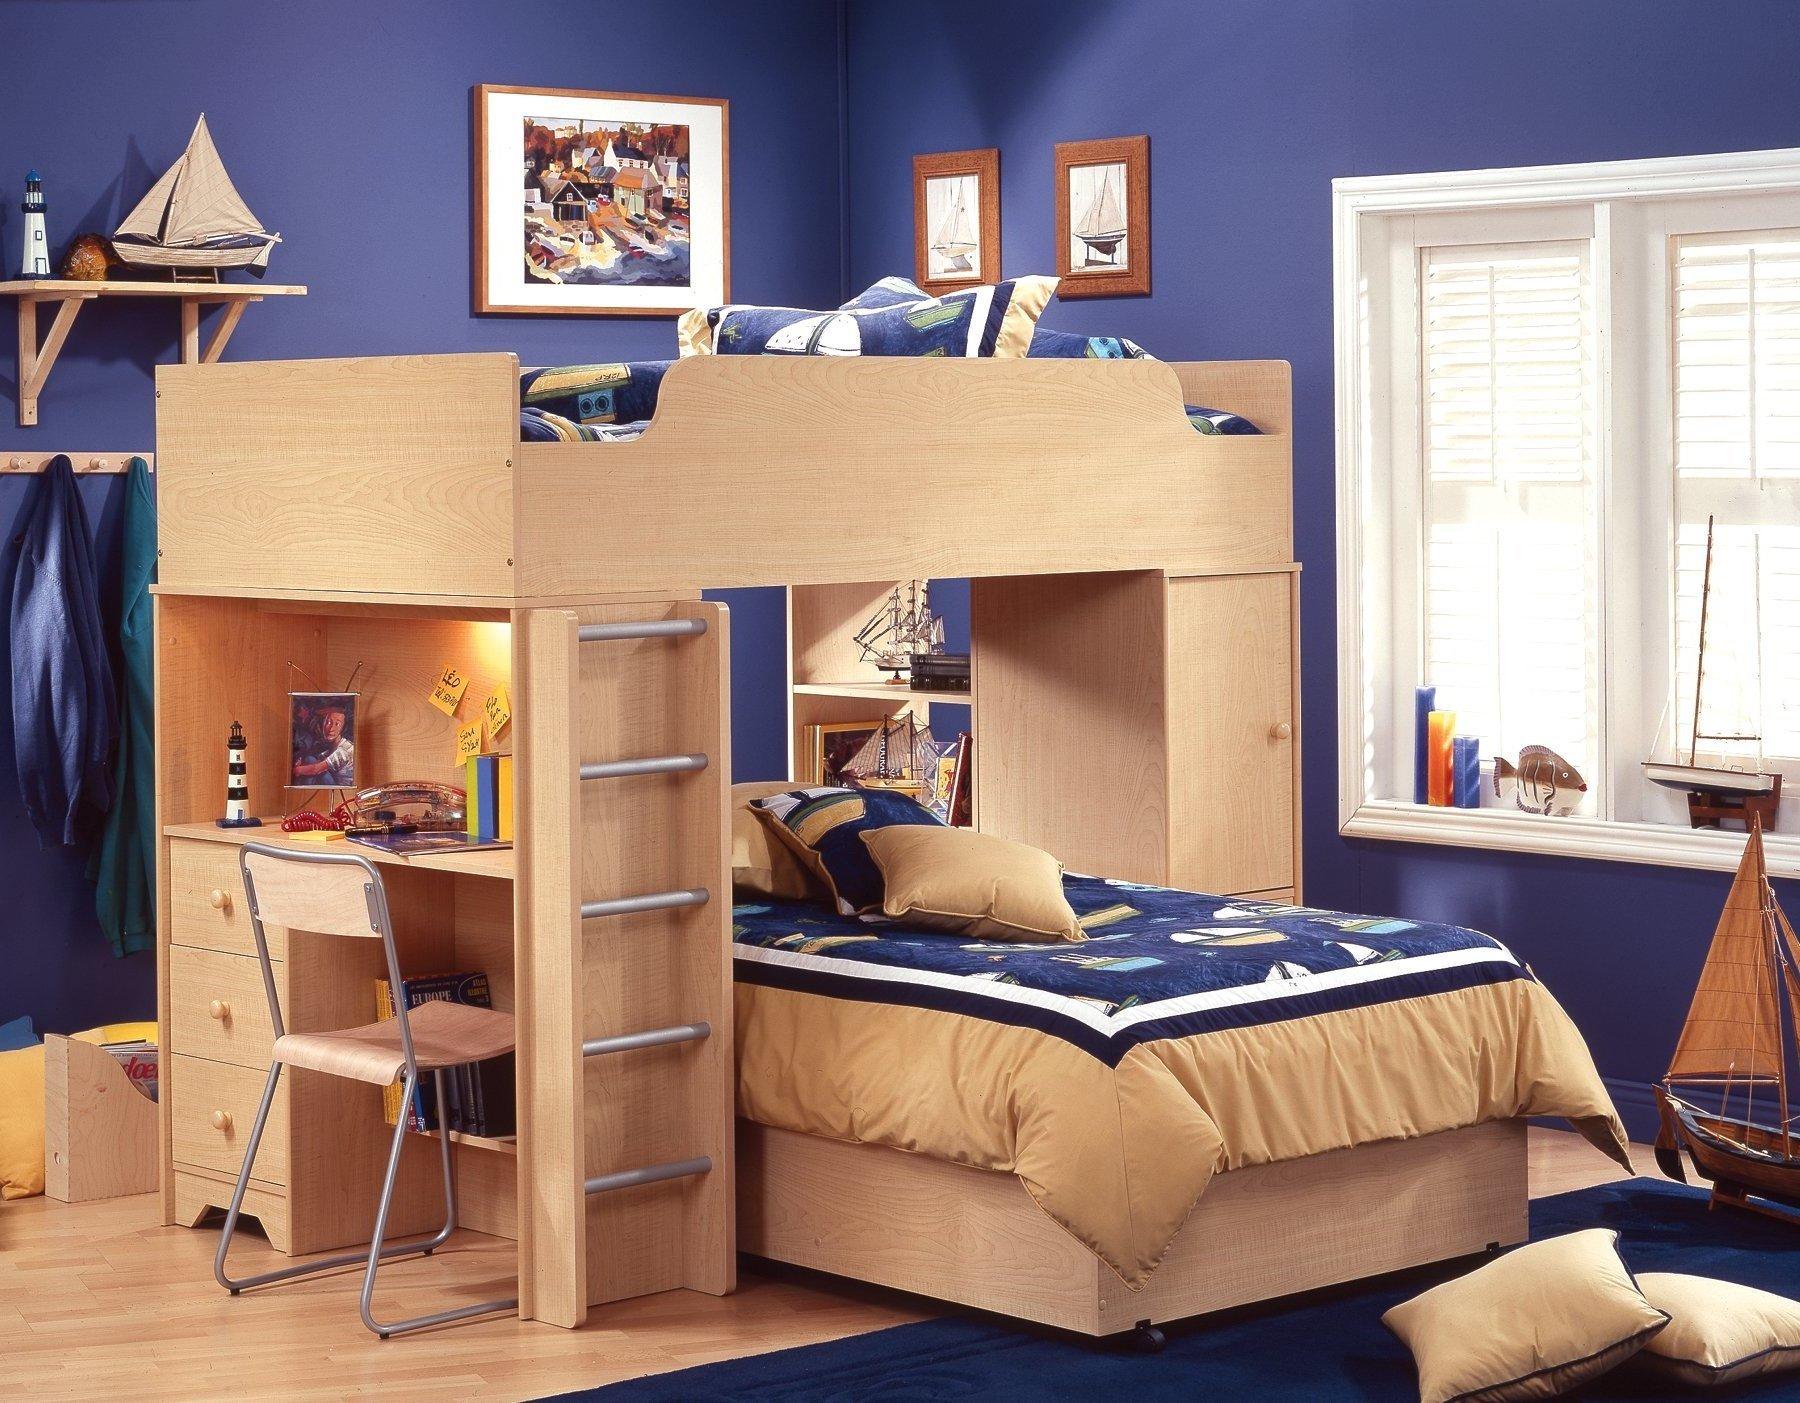 Praktische Tipps für Gestaltung von Jugend- und Kinderzimmer ...